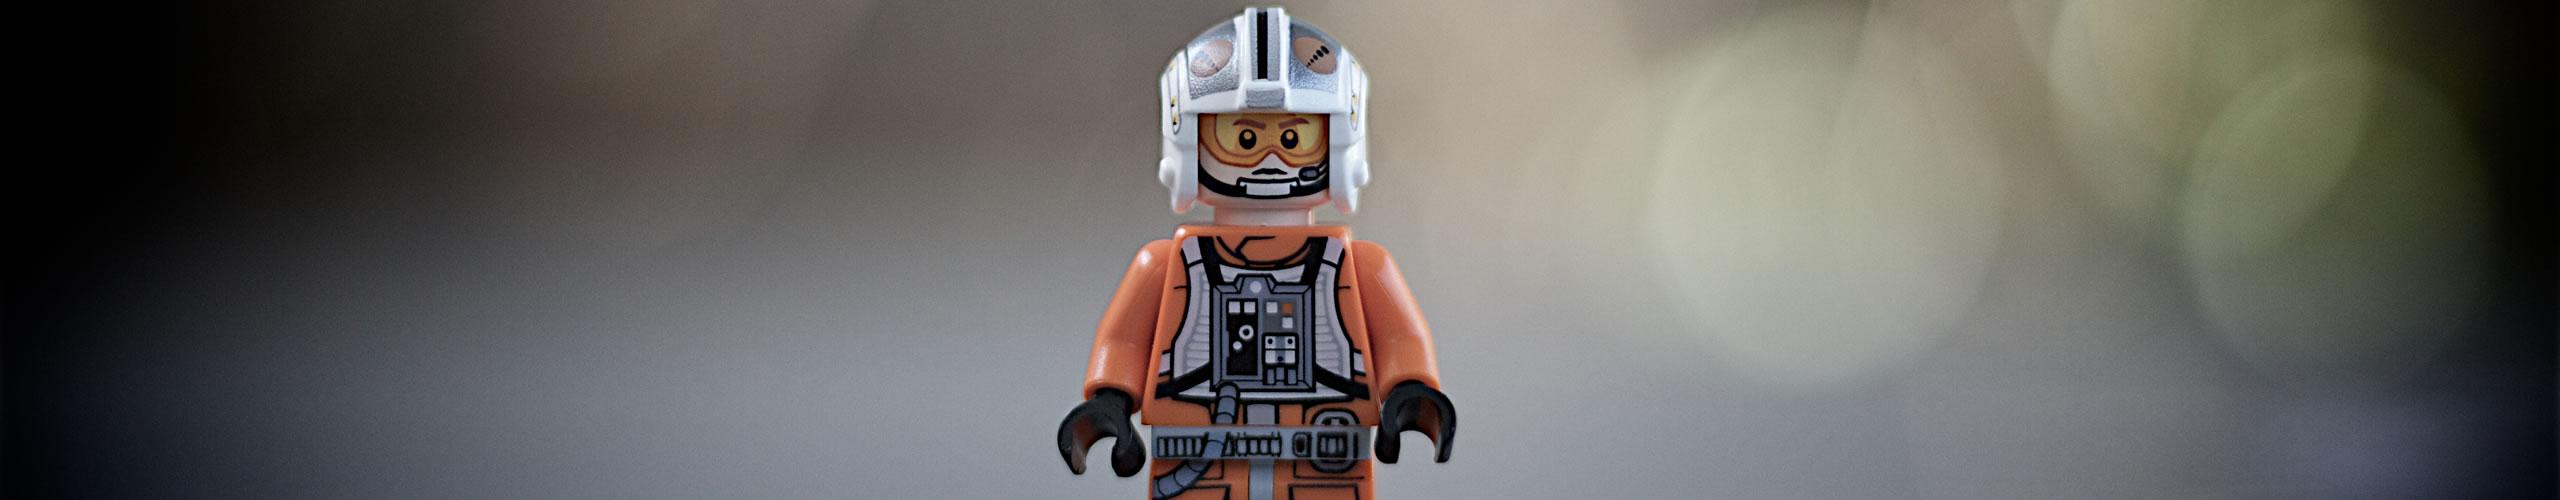 Rebuilding Lego